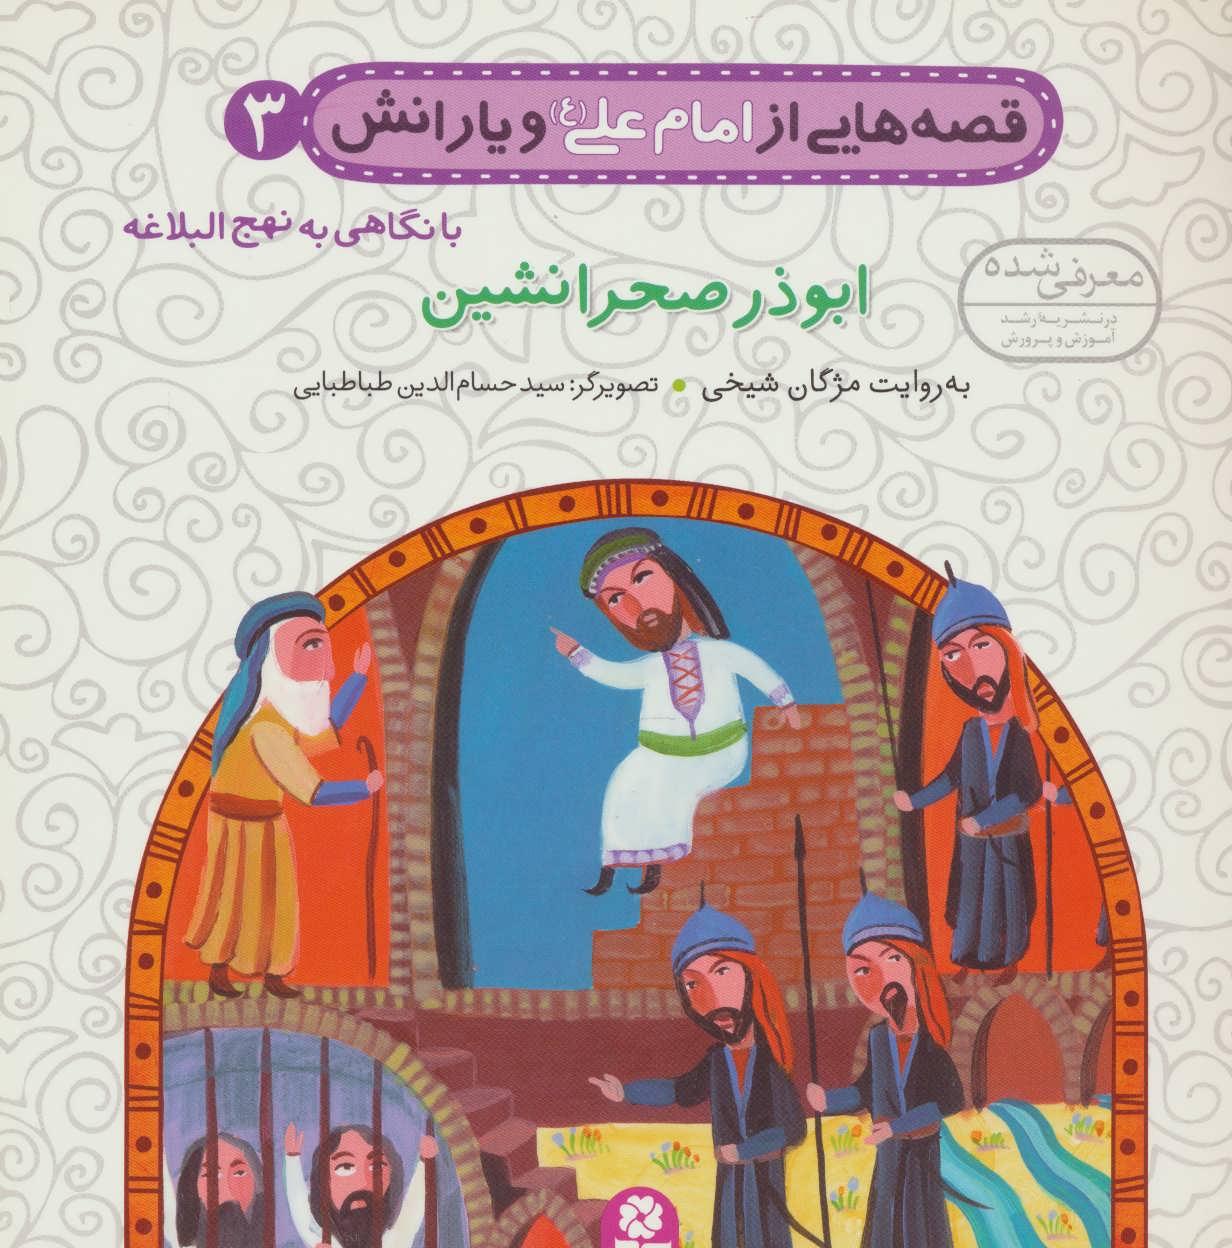 کتاب ابوذر صحرا نشین